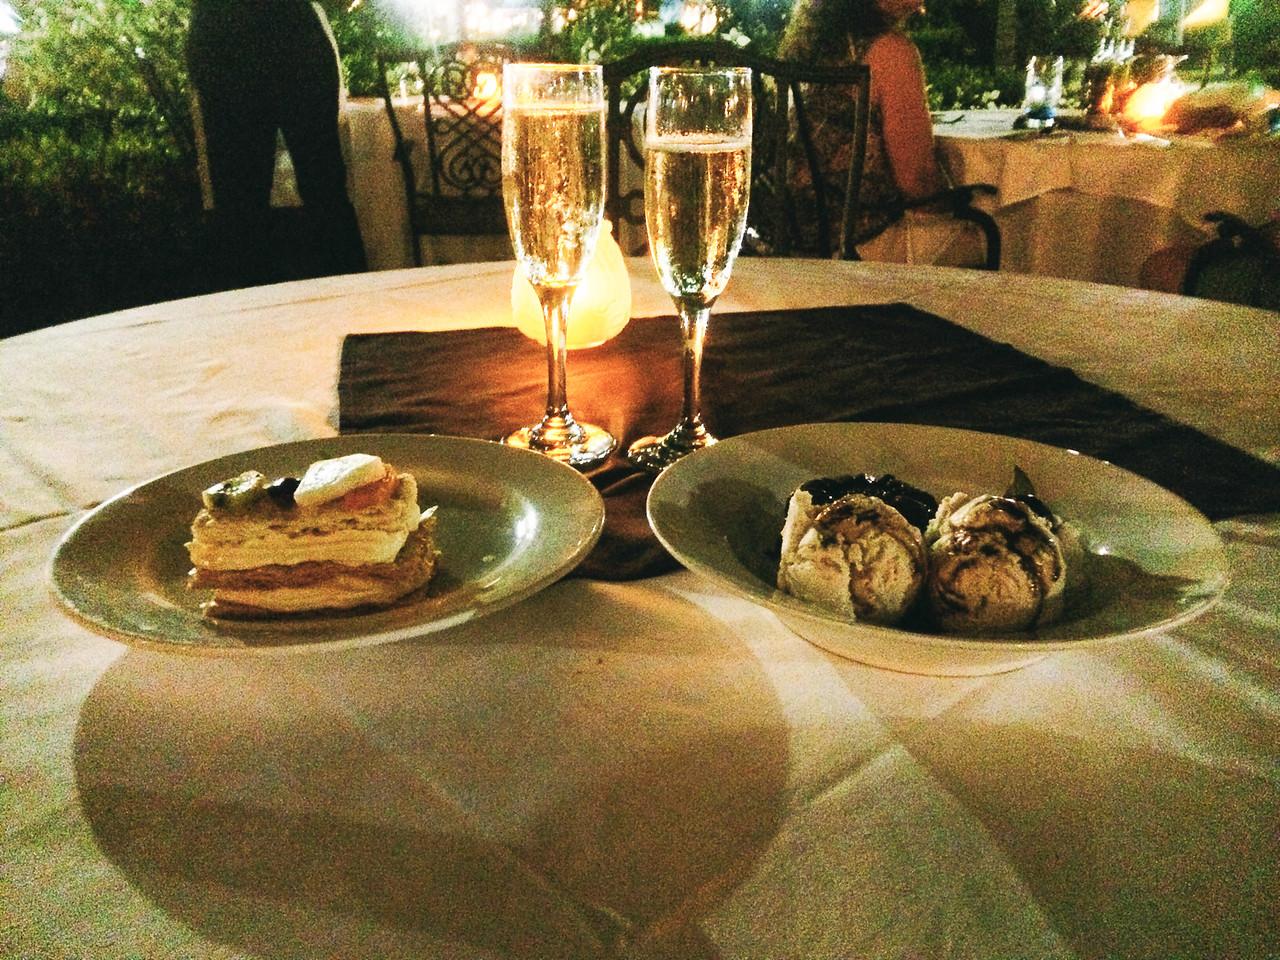 Dessert at Giuseppe's